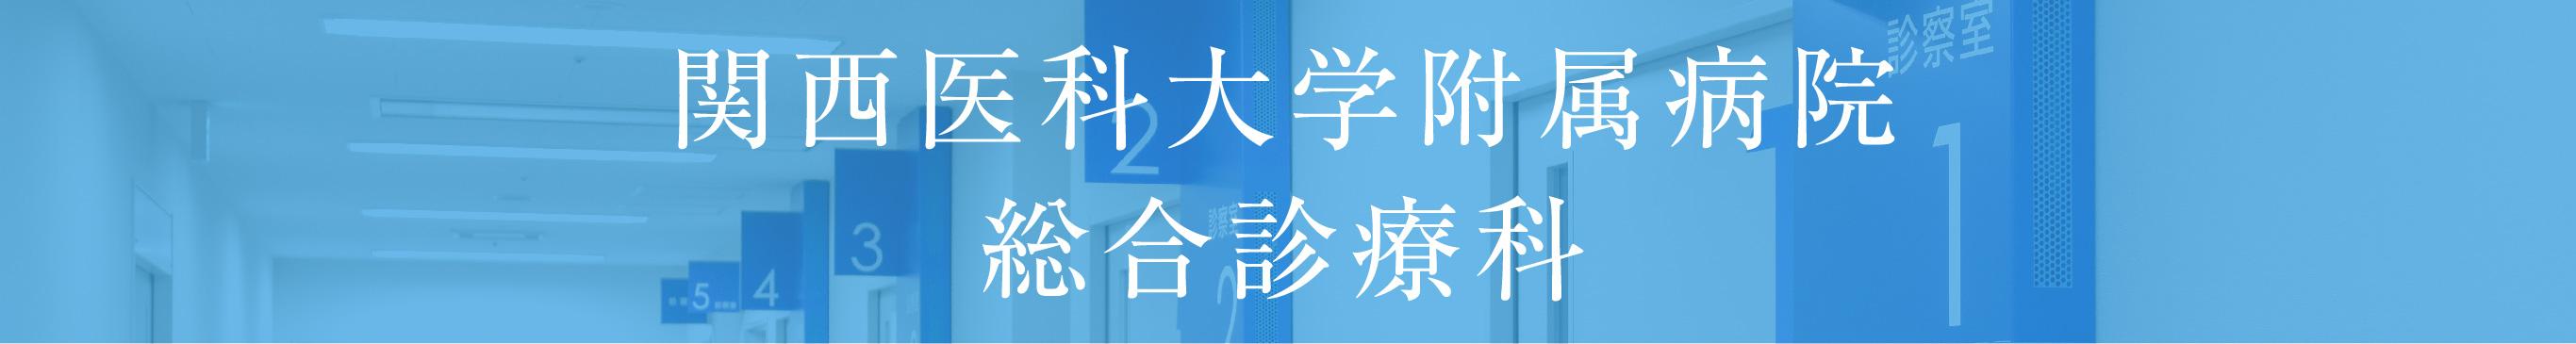 関西医科大学附属病院 総合診療科